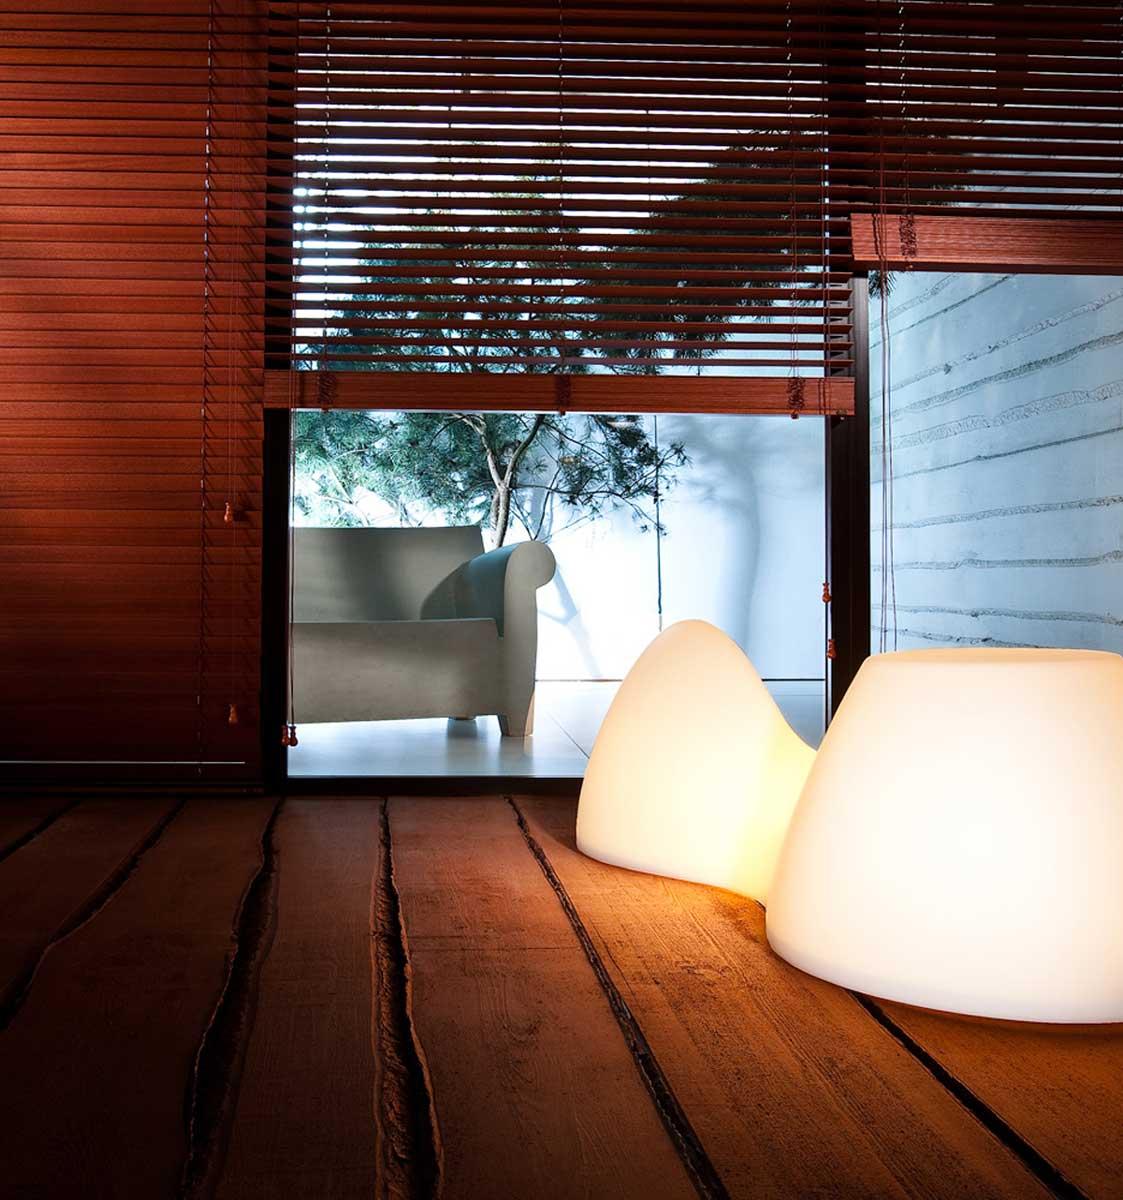 sichtschutz lamellen vom hersteller. Black Bedroom Furniture Sets. Home Design Ideas